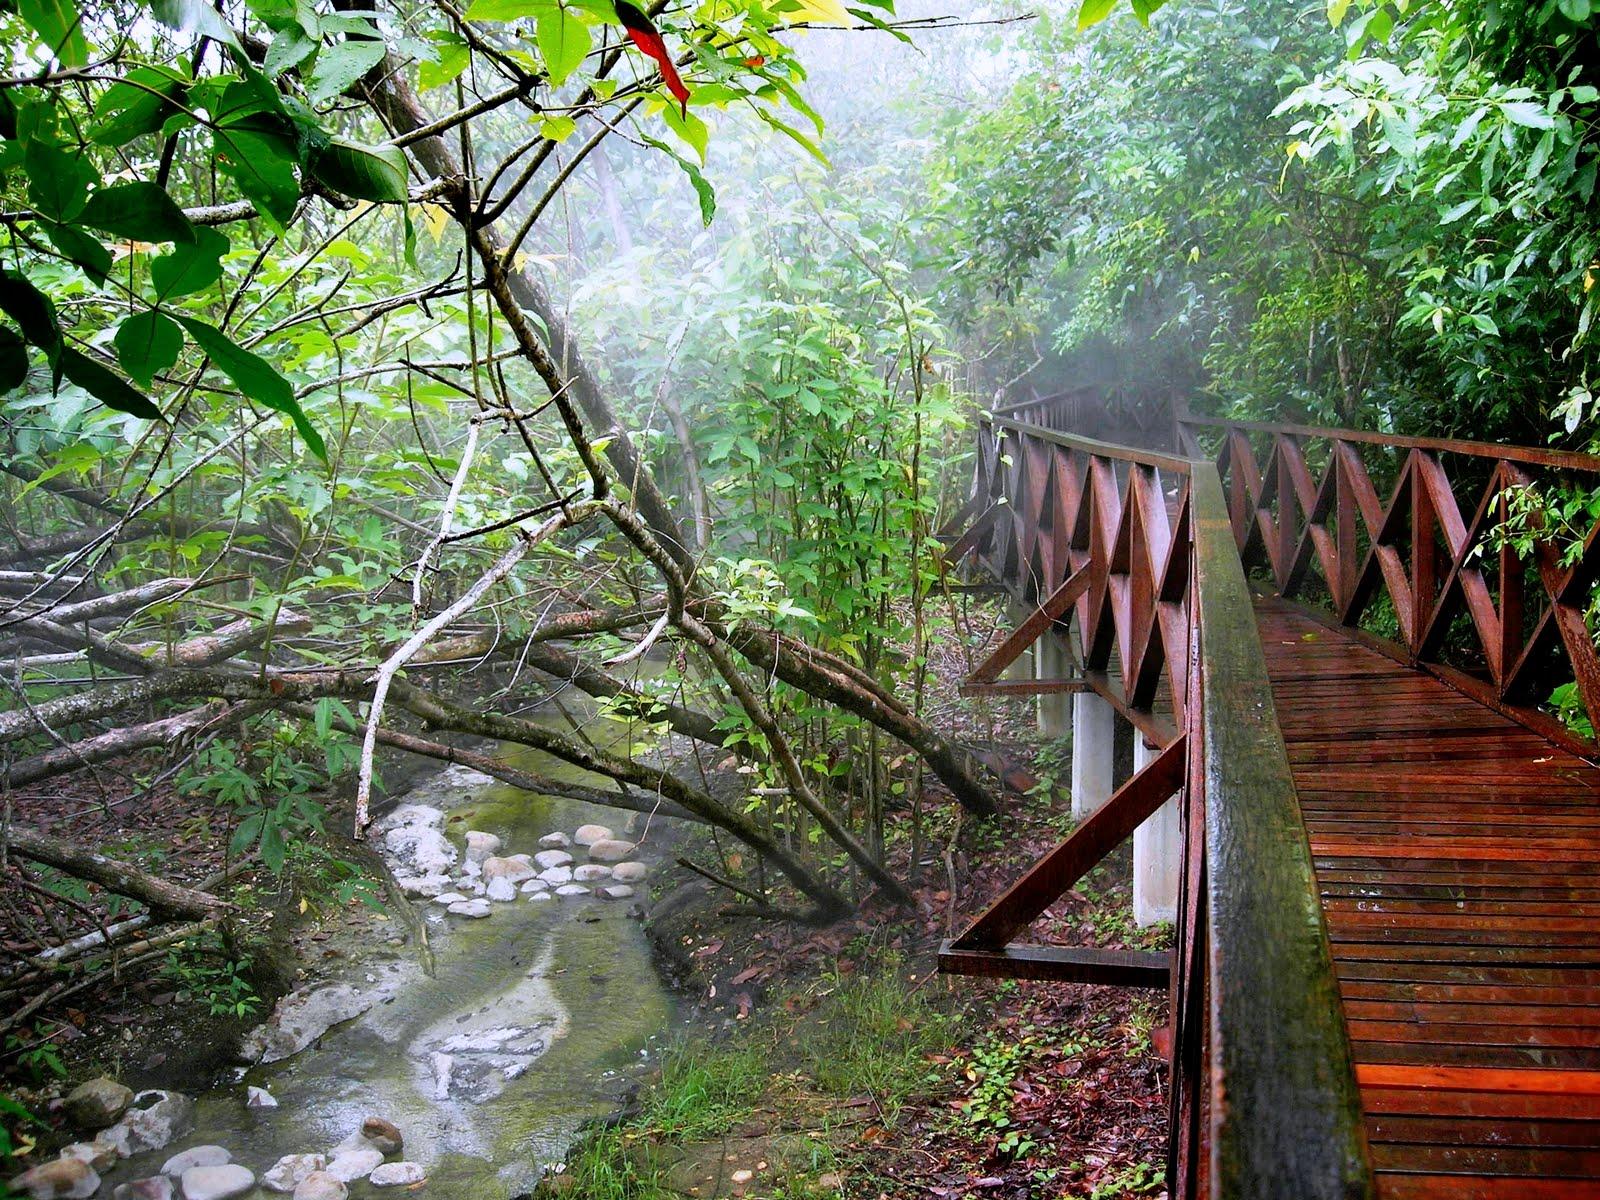 Sungai klah hot springs - The Steamy Boardwalk